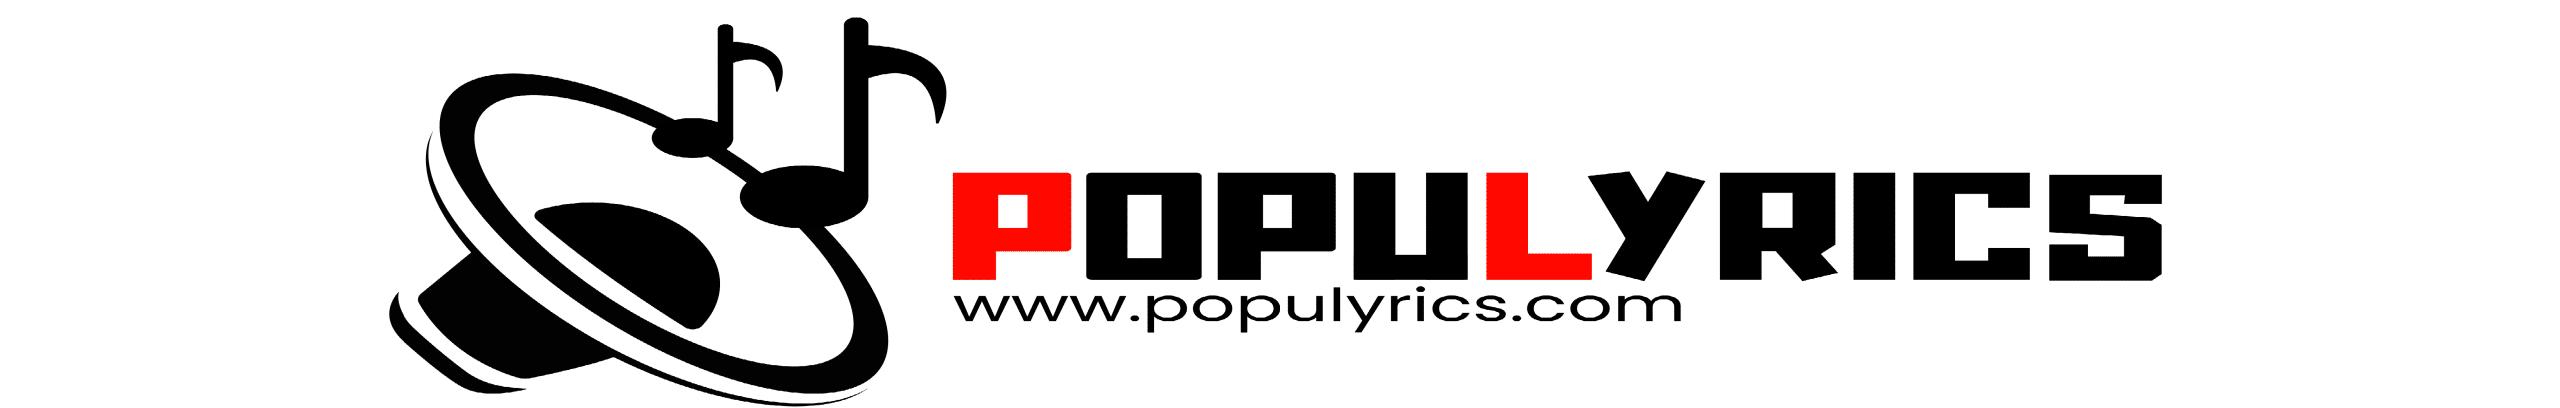 Populyrics